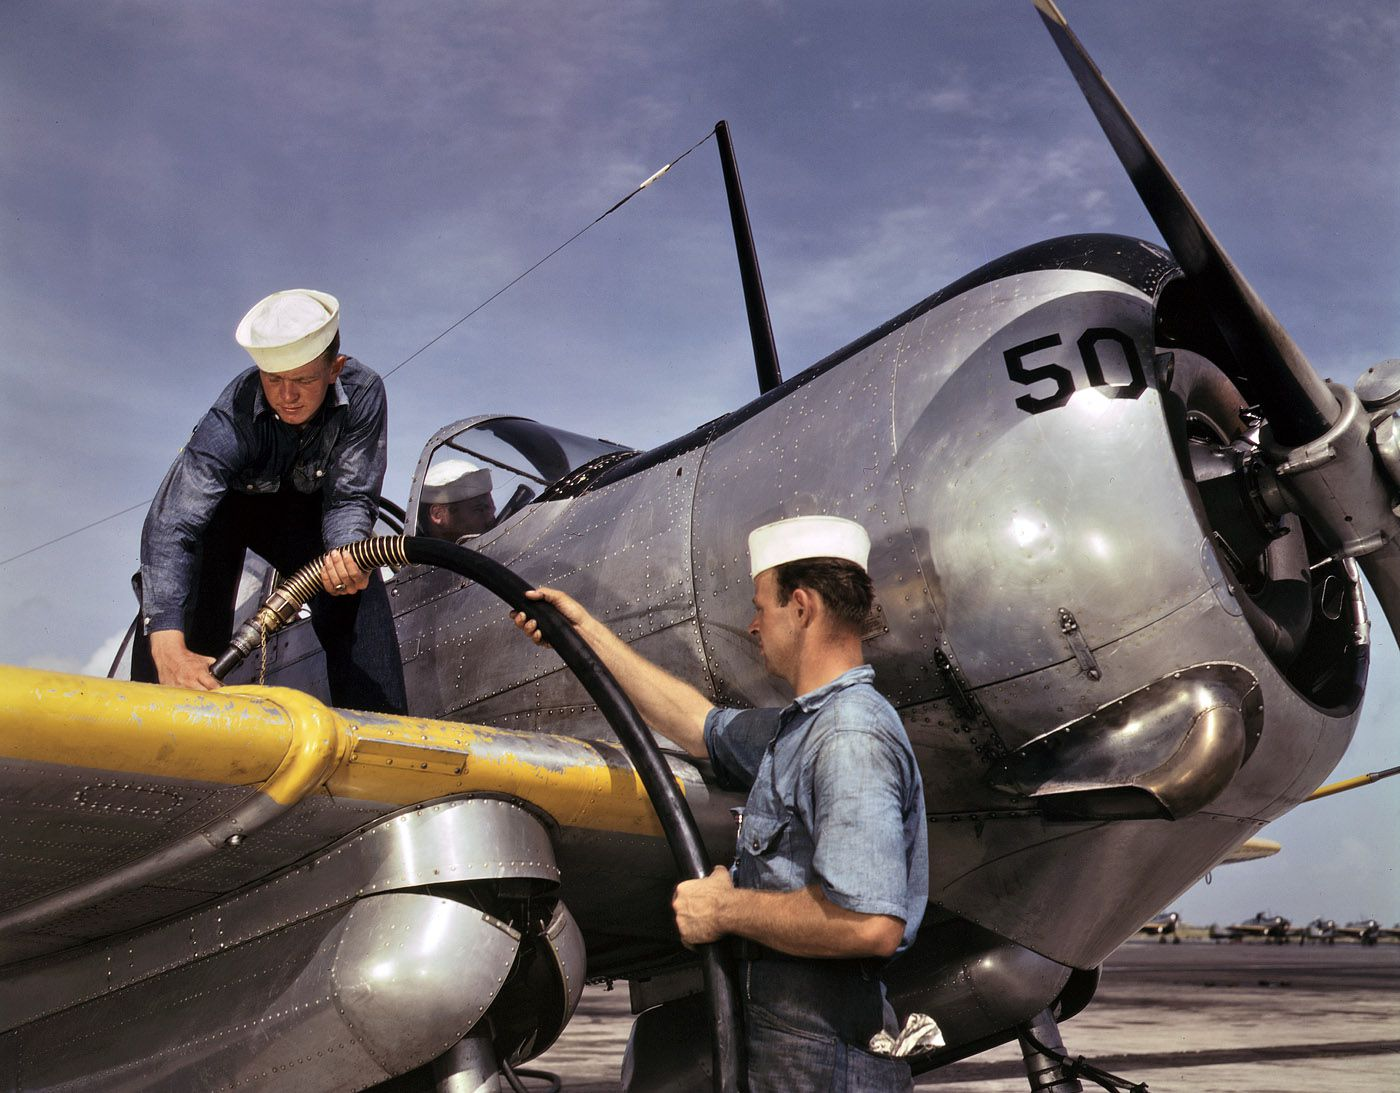 1a34909u - Août 1942 : On fait le plein à un avion d'apprentissage à la base navale de Corpus Christi, Texas